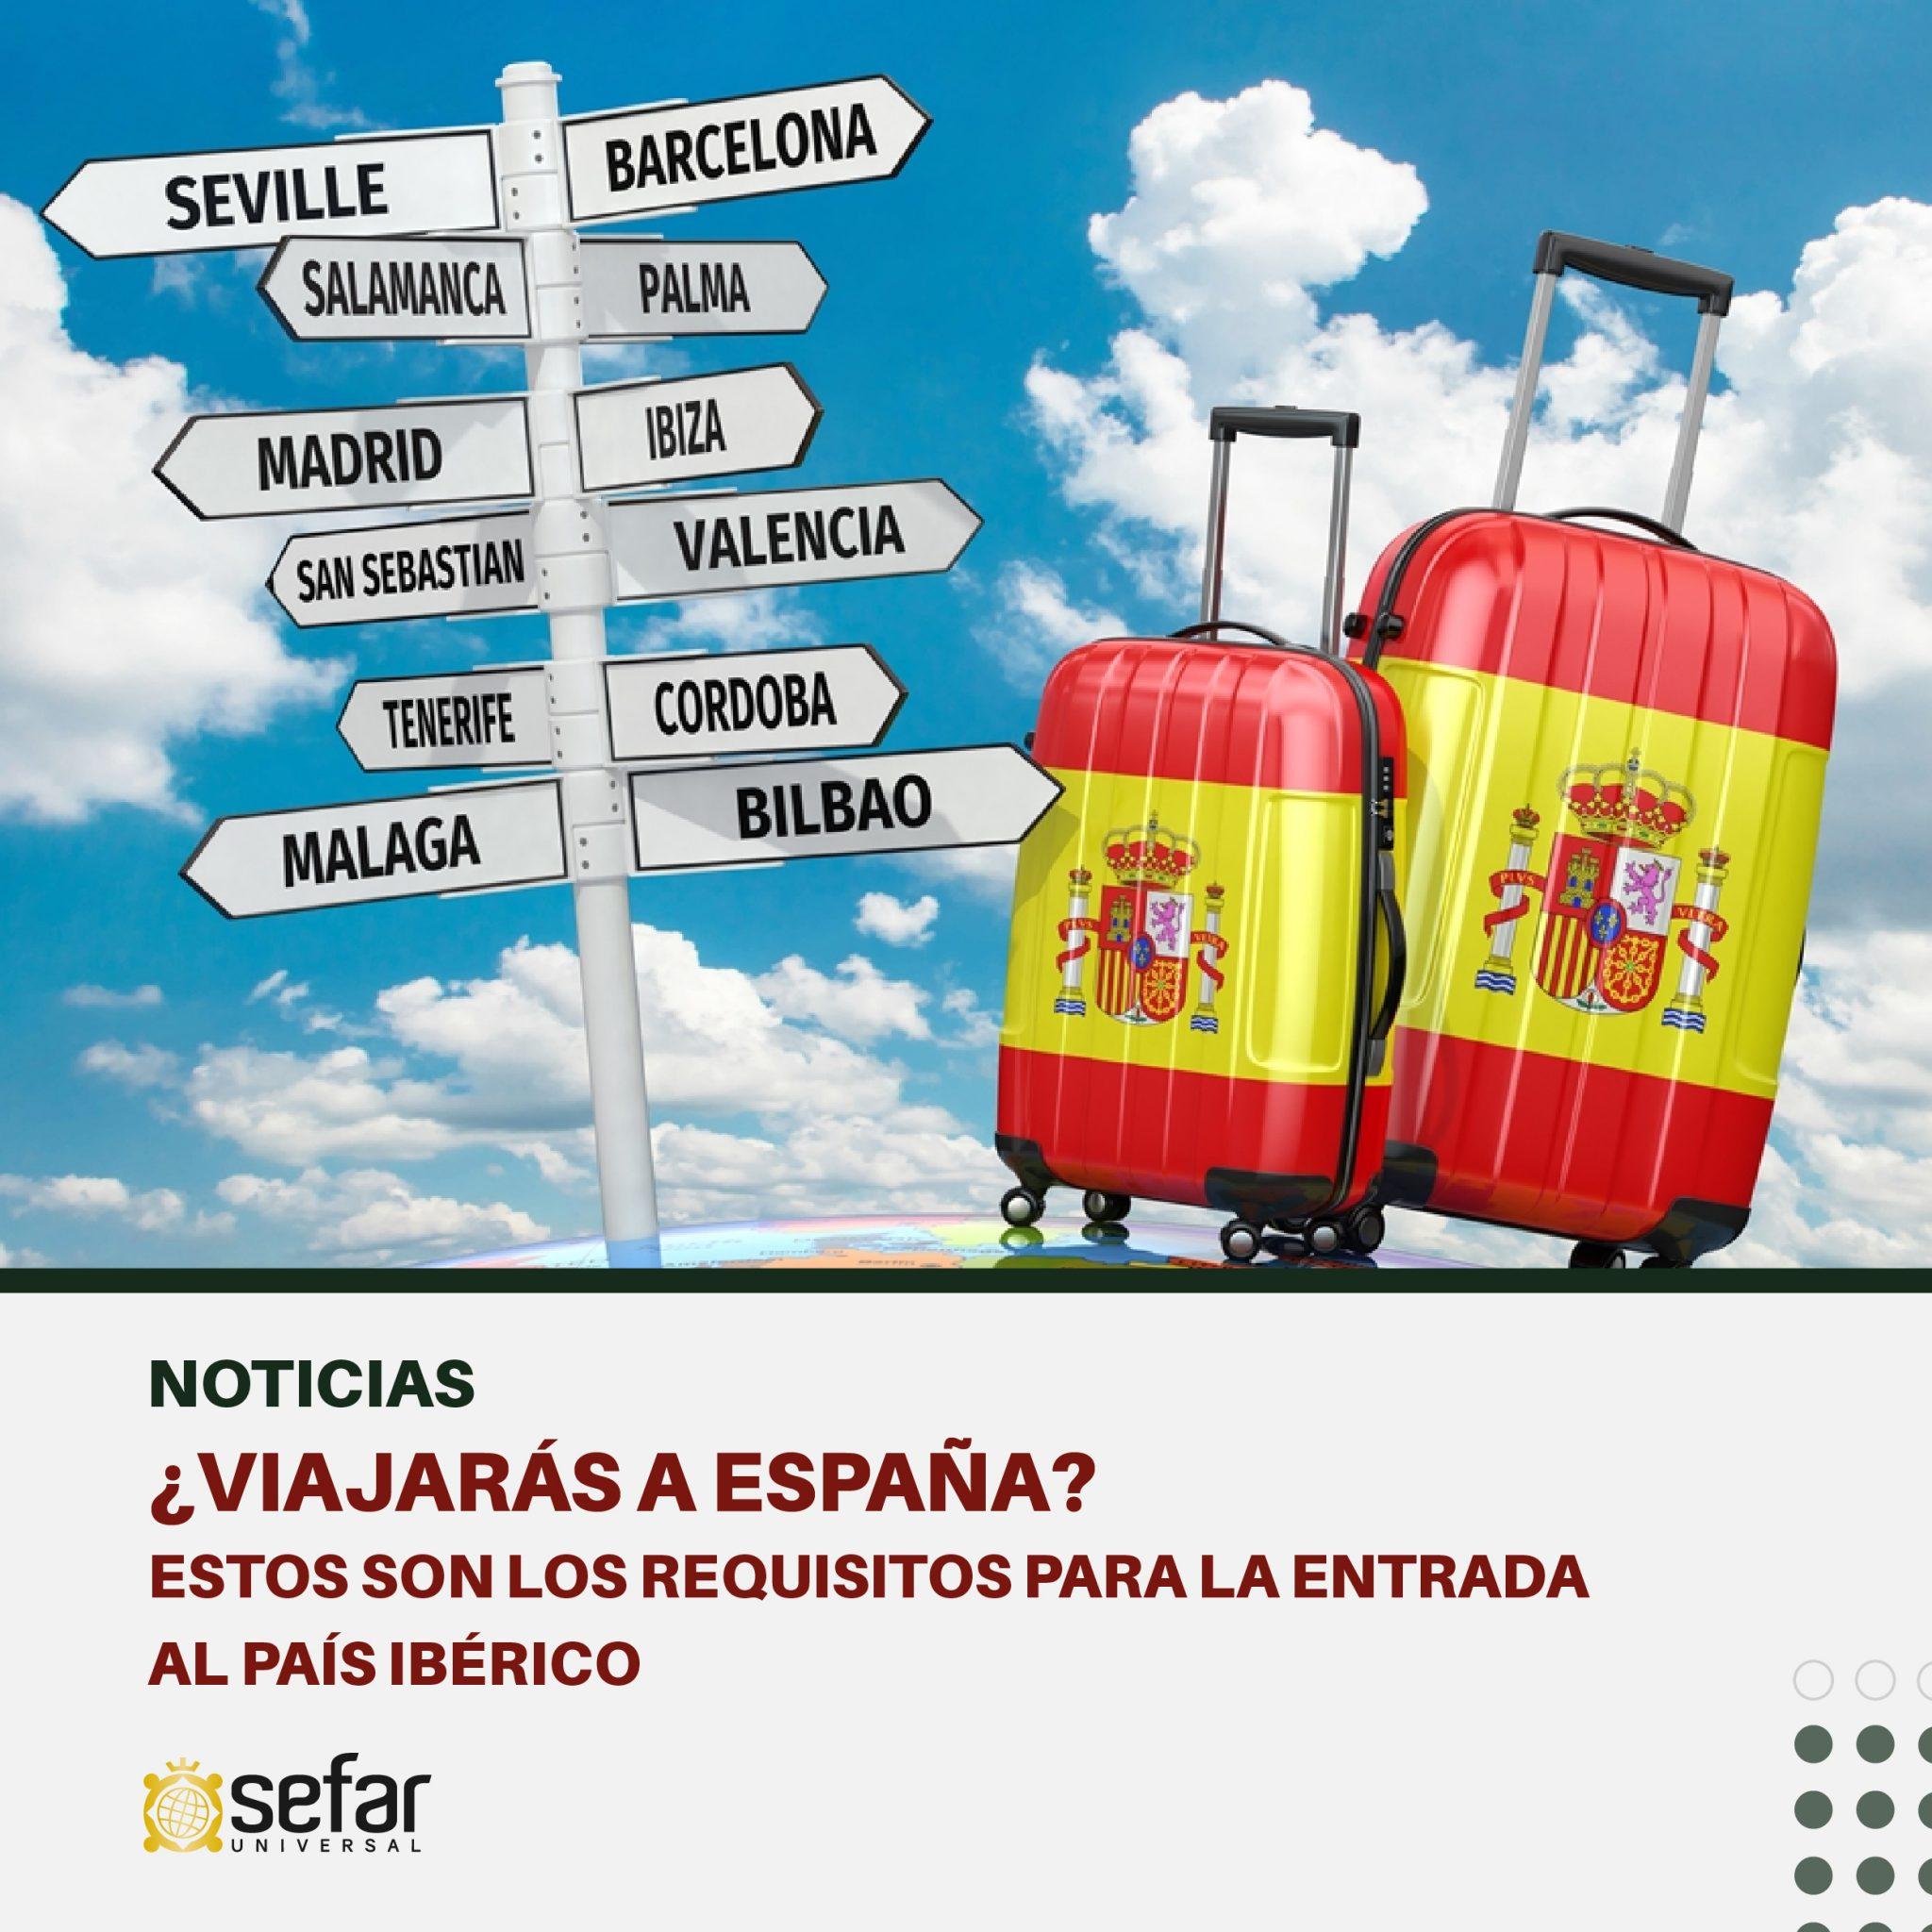 ¿Viajarás a España? Estos son los requisitos para la entrada al país ibérico